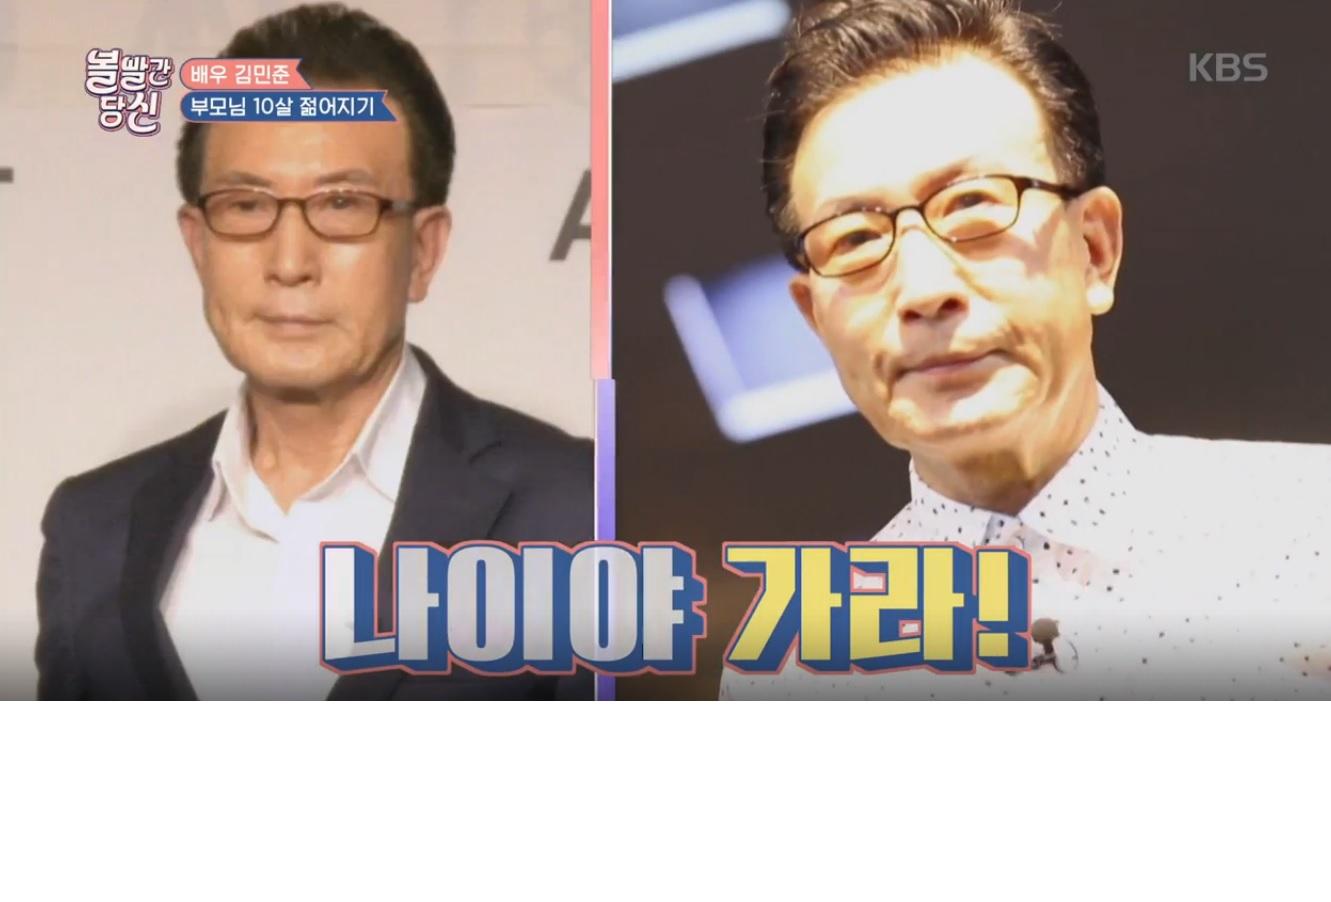 [볼 빨간 당신] 이미지 변신을 위해 배우 정해인 헤어스타일 따라잡기에 나선 아버지★성공